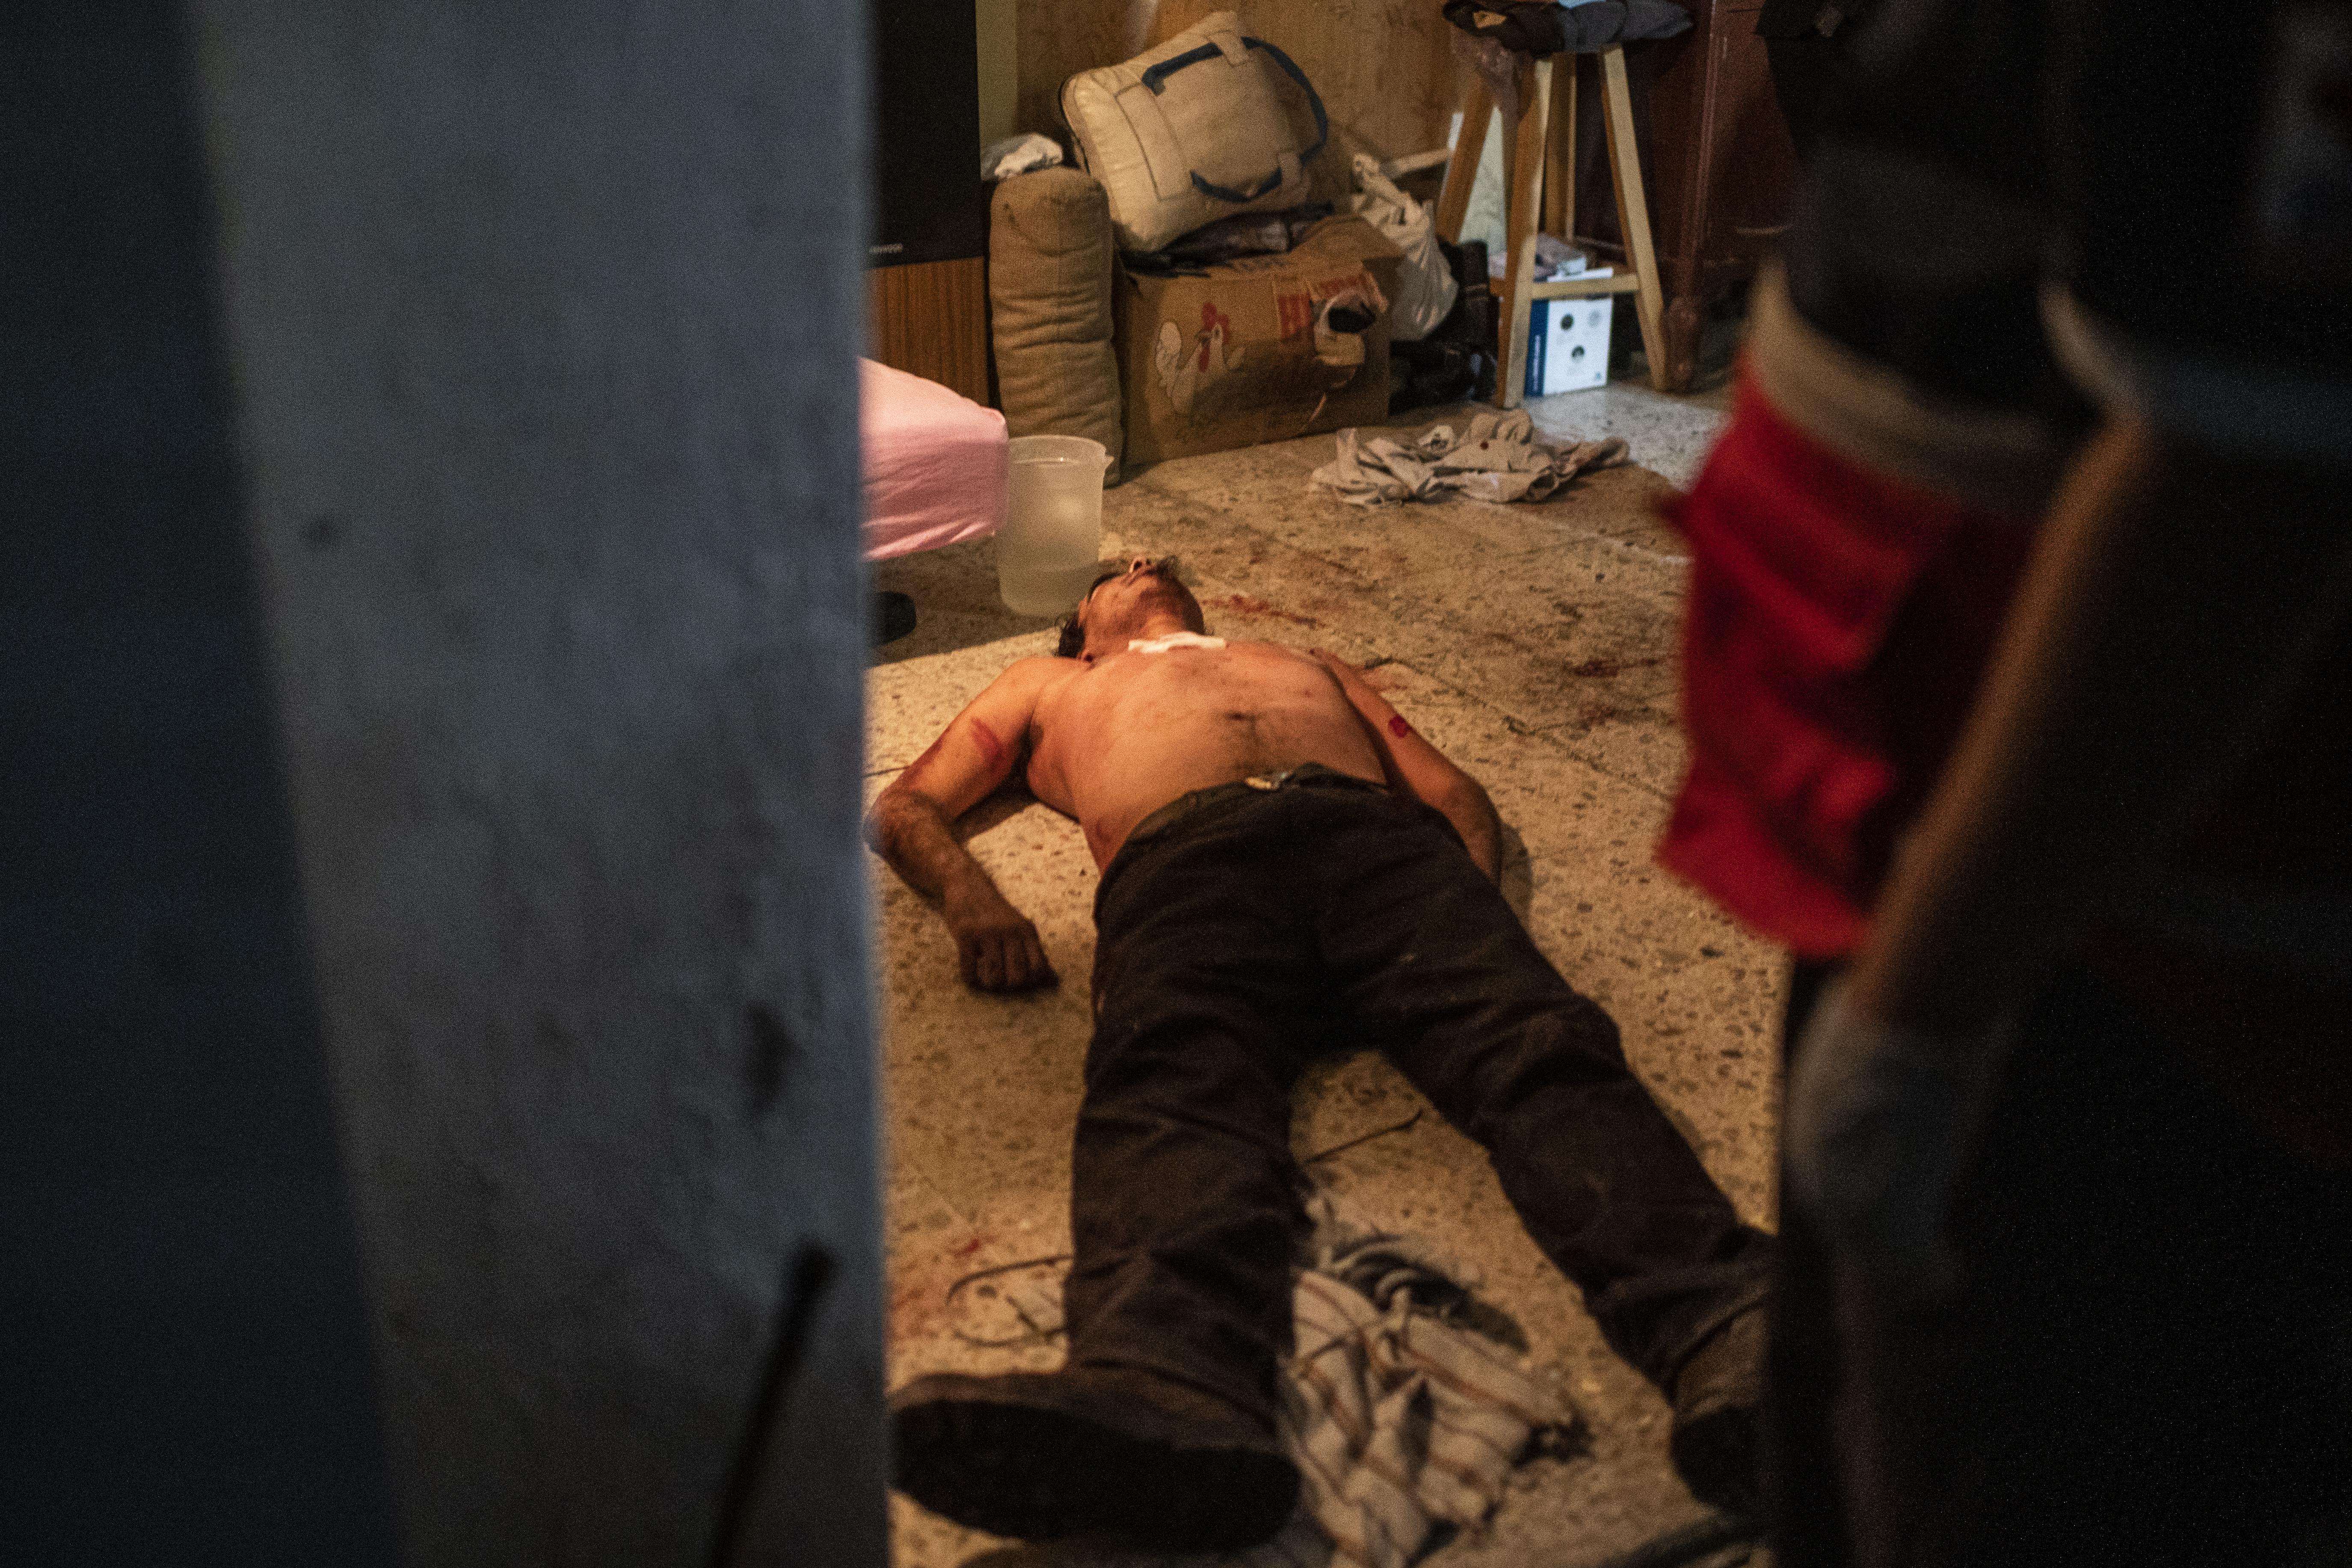 Un hombre que golpeó a su madre e intentó apuñalarse en el pecho, yace en el suelo en Ciudad Nezahualcóyotl, Estado de México, México, el 20 de junio de 2020, durante la nueva pandemia de coronavirus de COVID-19. (Foto por Pedro PARDO / AFP)